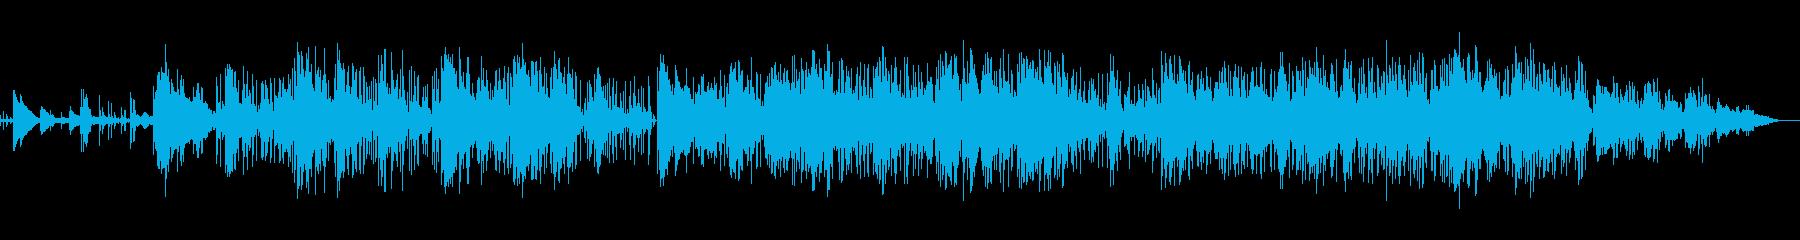 エレクトロニック 感情的 静か お...の再生済みの波形